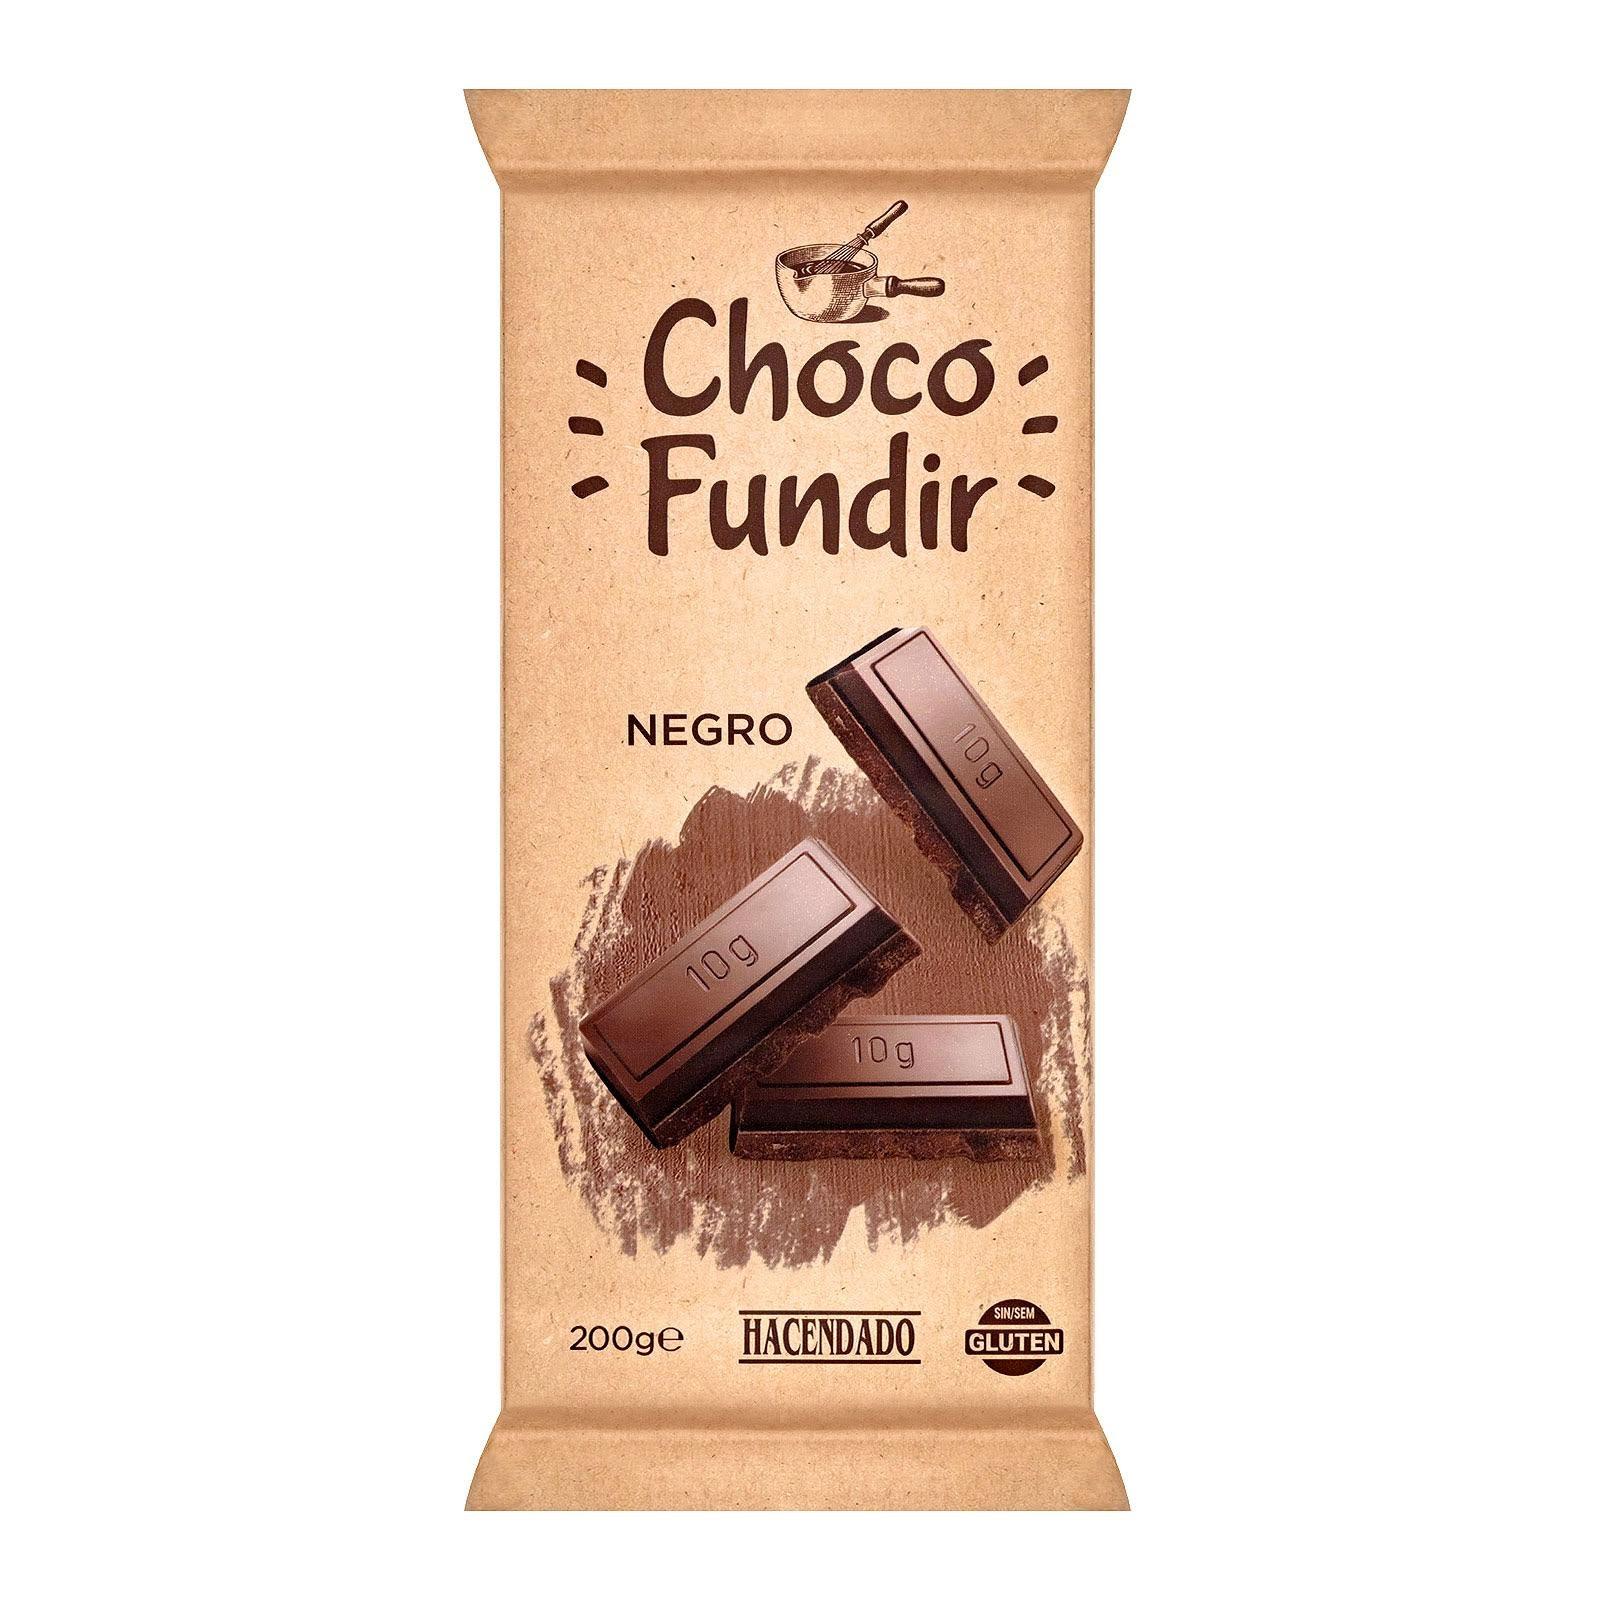 Chocolate negro para fundir Hacendado